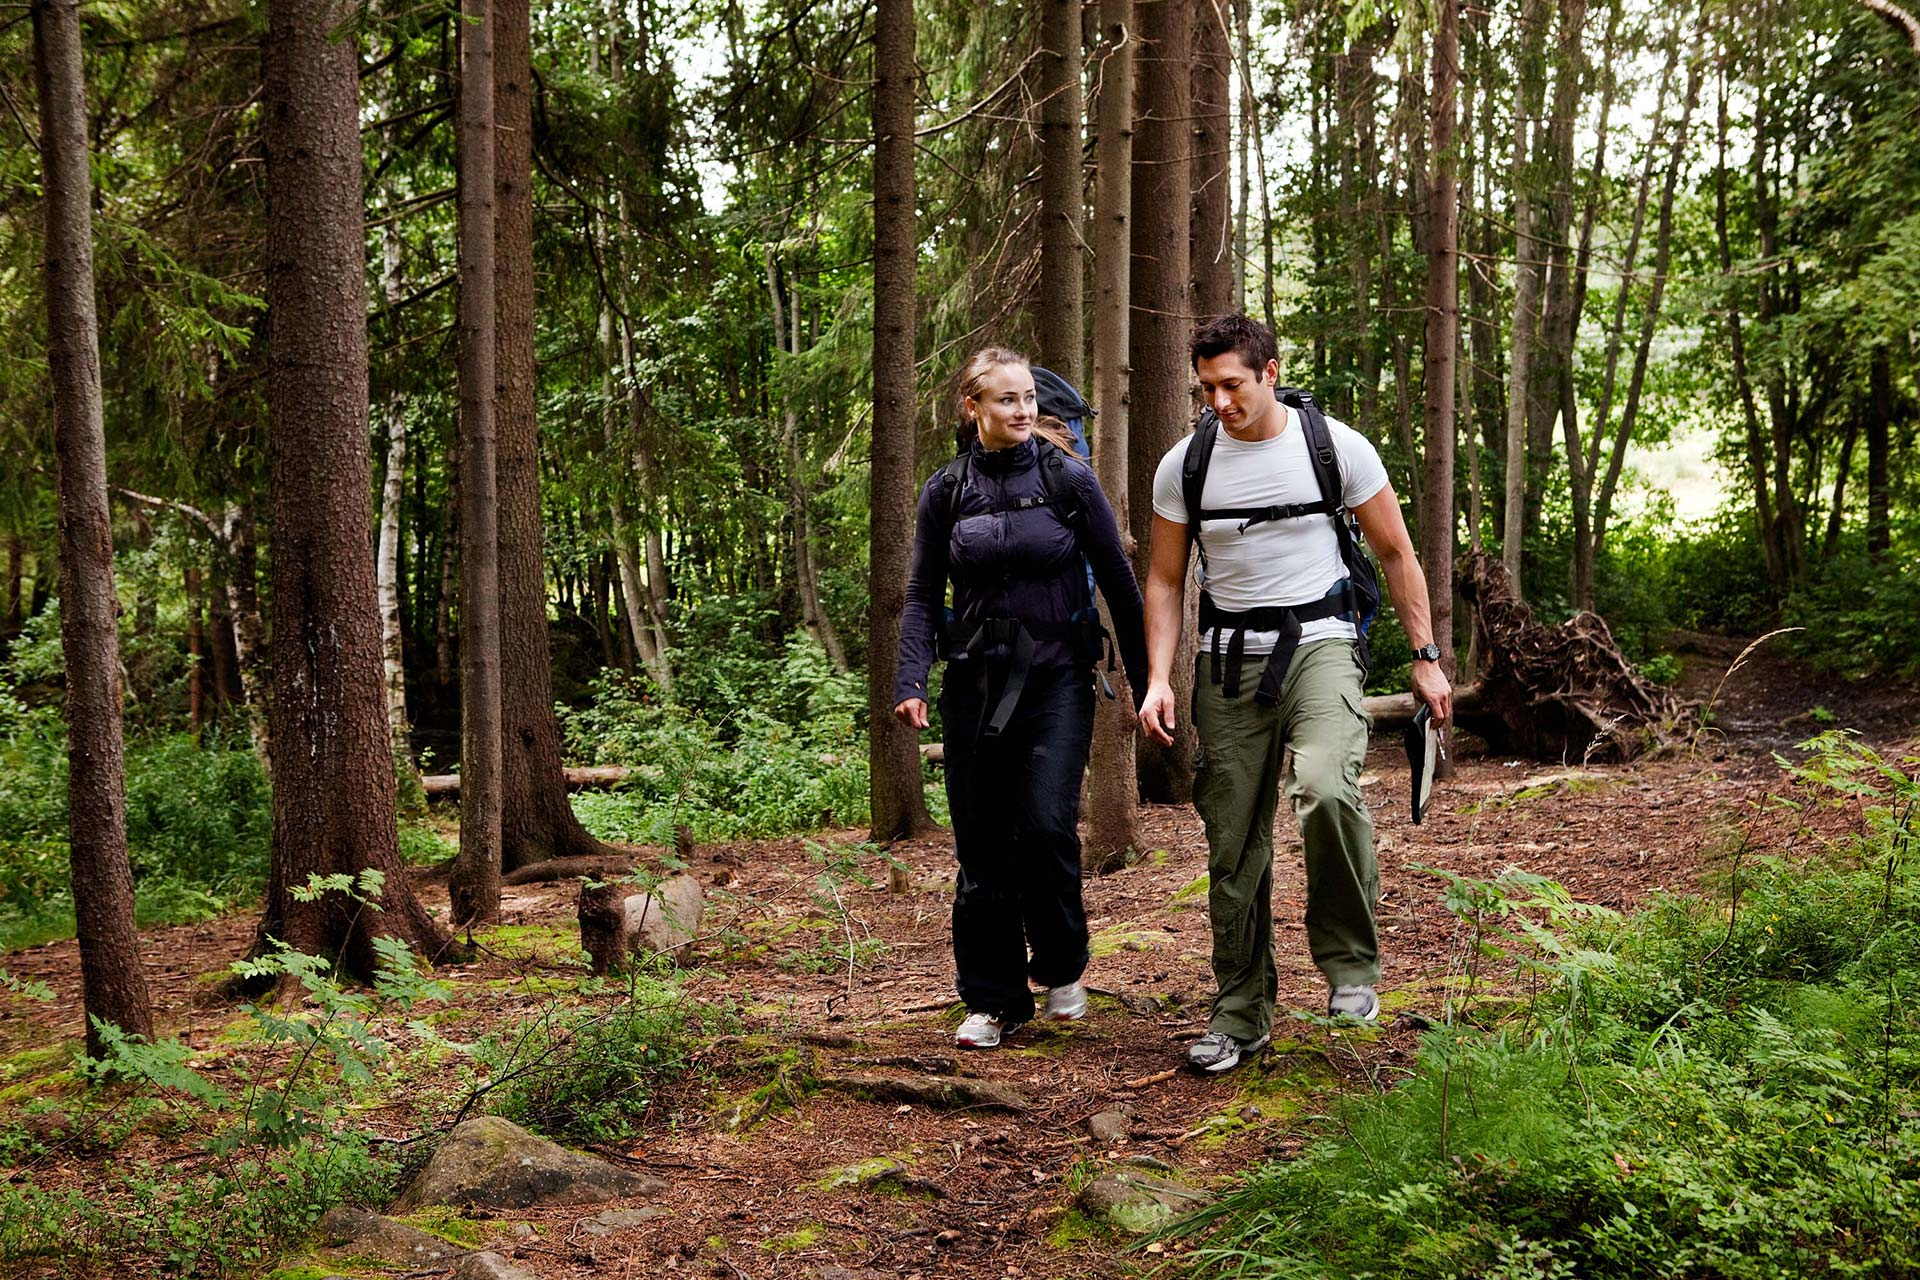 Par som vandrar i skogen. Fotograf: Mostphotos